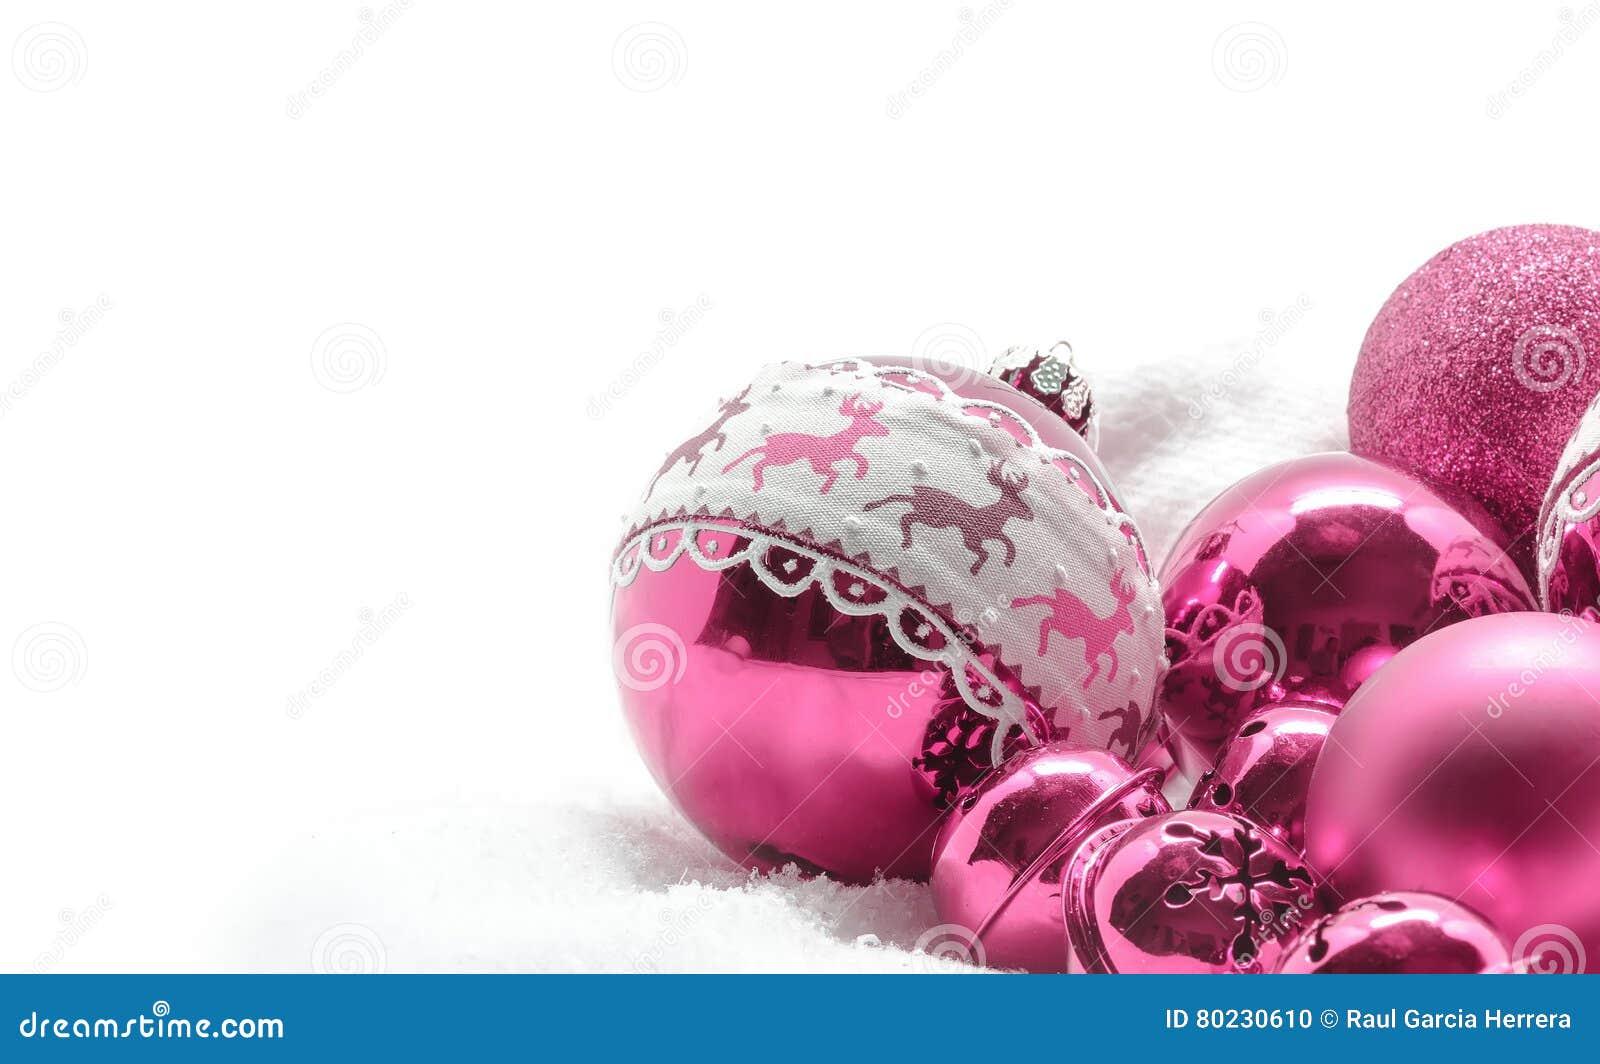 Beste Frohe Weihnachten Färbung Ideen - Framing Malvorlagen ...